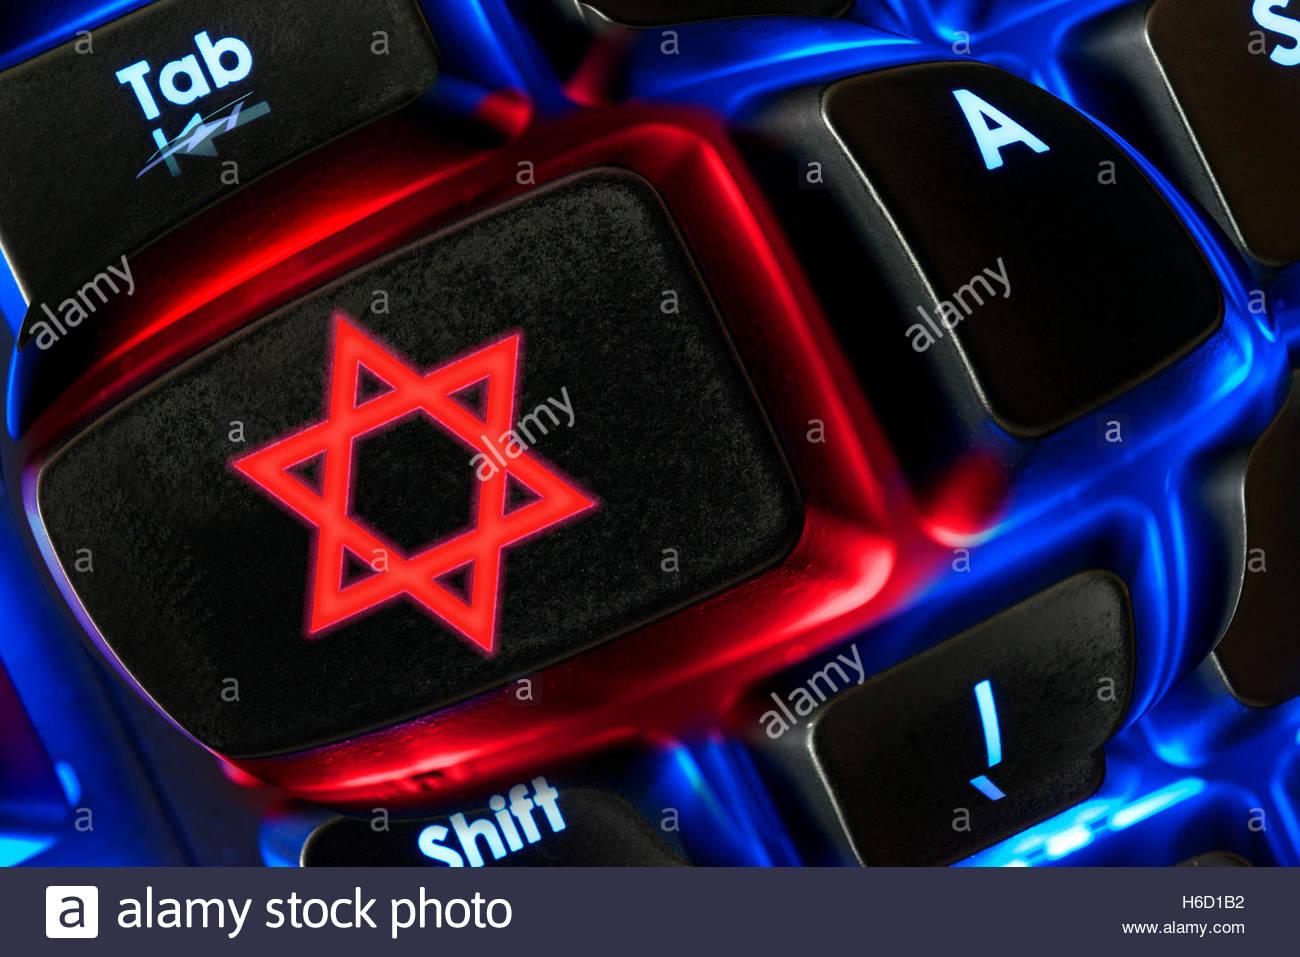 Star of david symbol shown on a backlit keyboard dorset england star of david symbol shown on a backlit keyboard dorset england uk buycottarizona